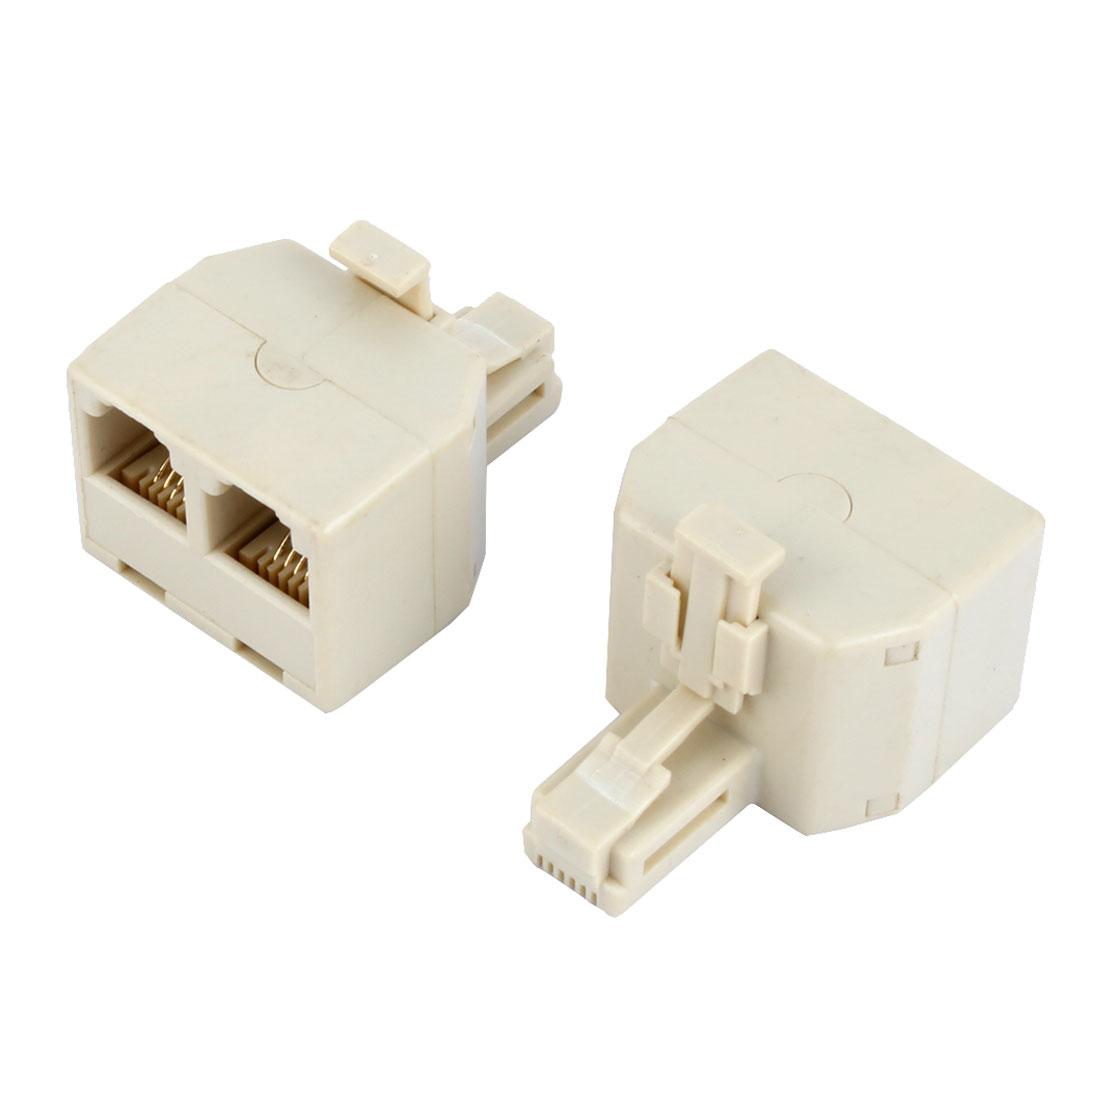 2 Pcs RJ11 1 Male to 2 Female Telephone Modular Splitter Adapter